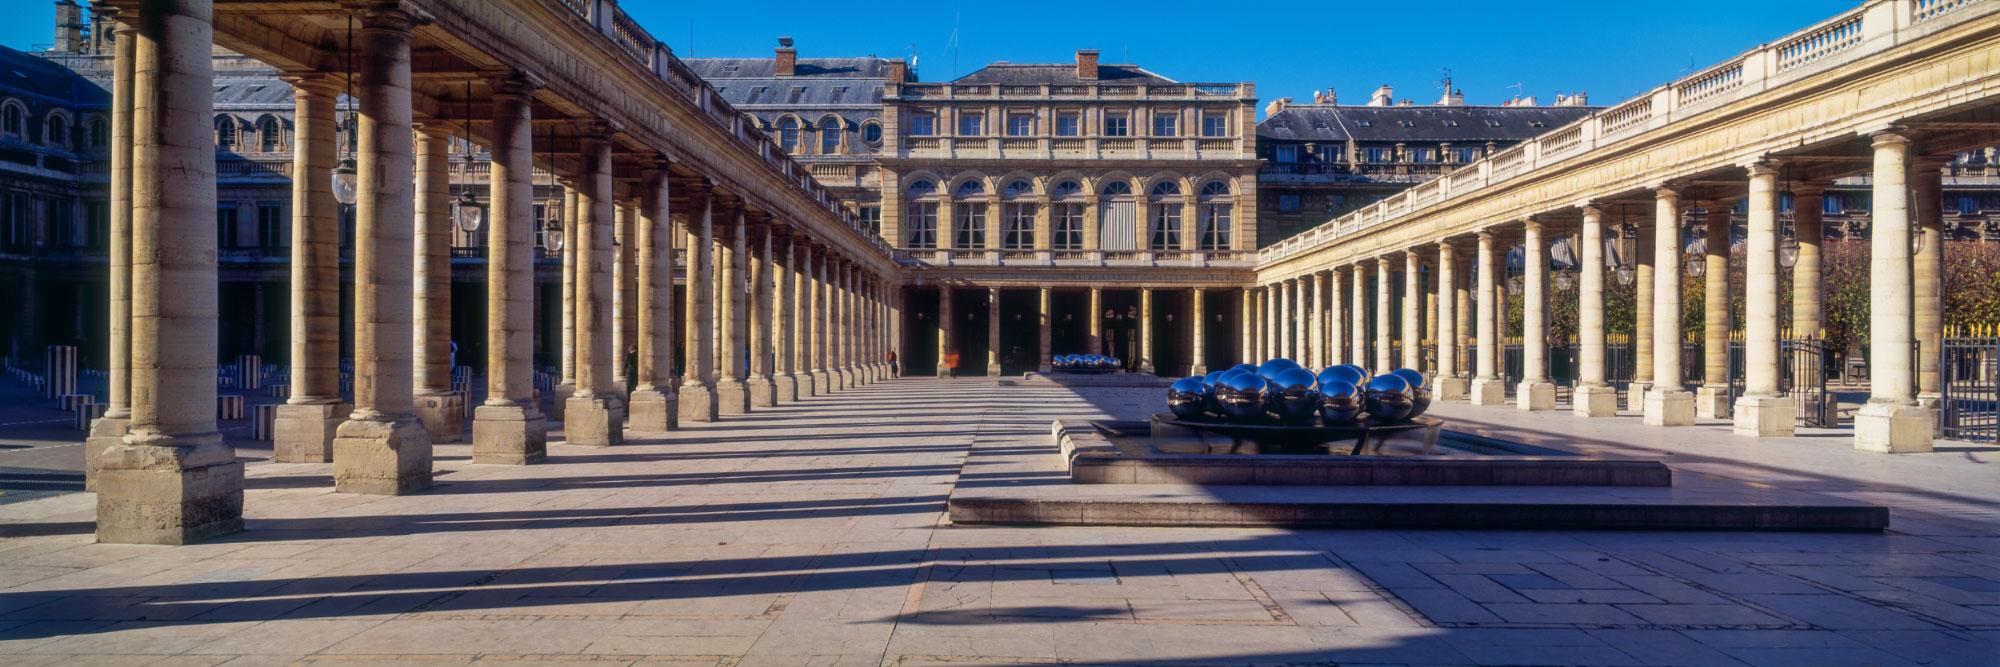 Cours d'honneur du Palais-Royal